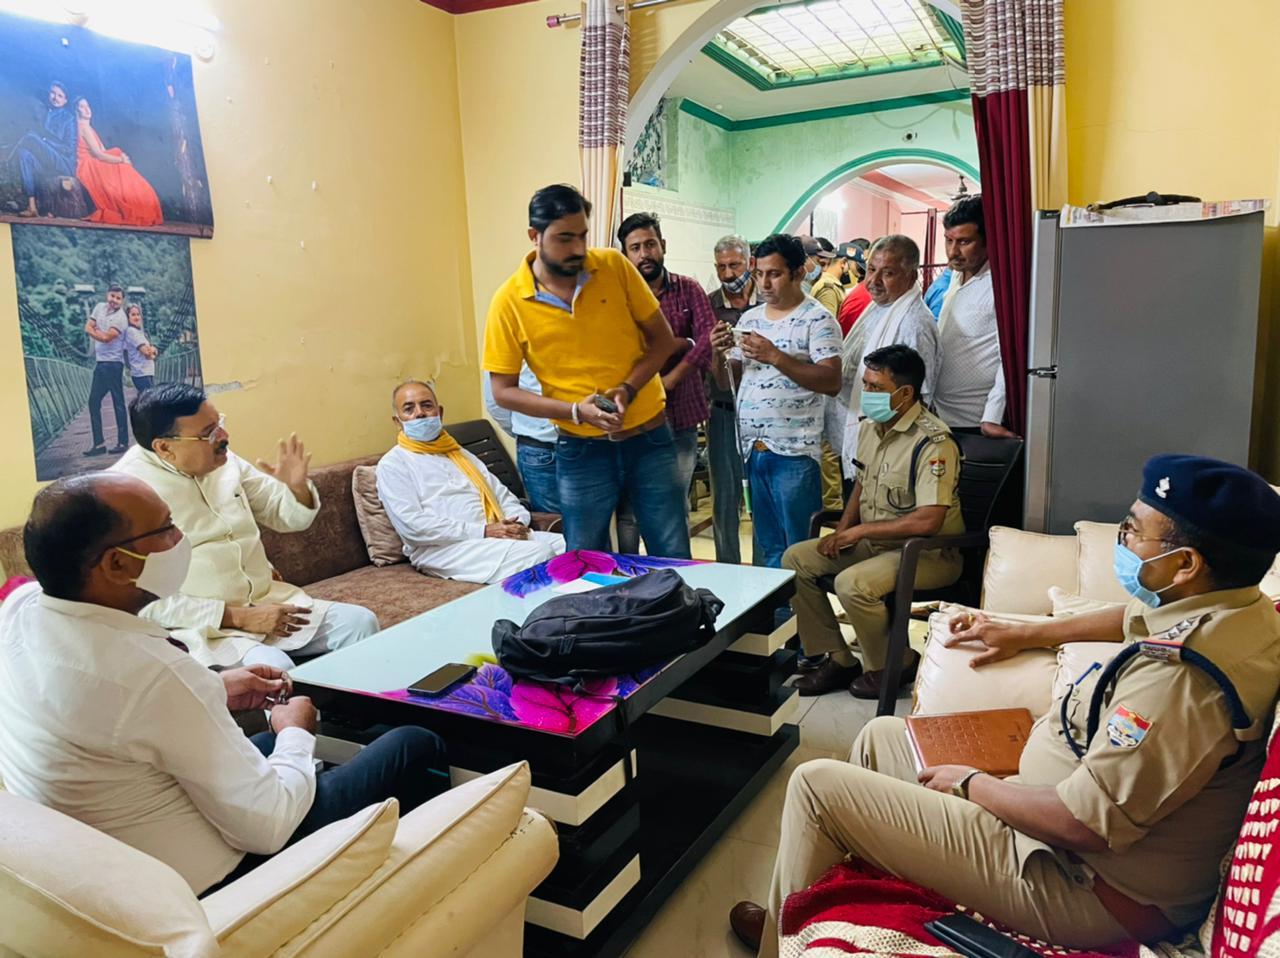 महाराजपुर में सात लाख की चोरी, विधायक शुक्ला मौके पर पहुंचे